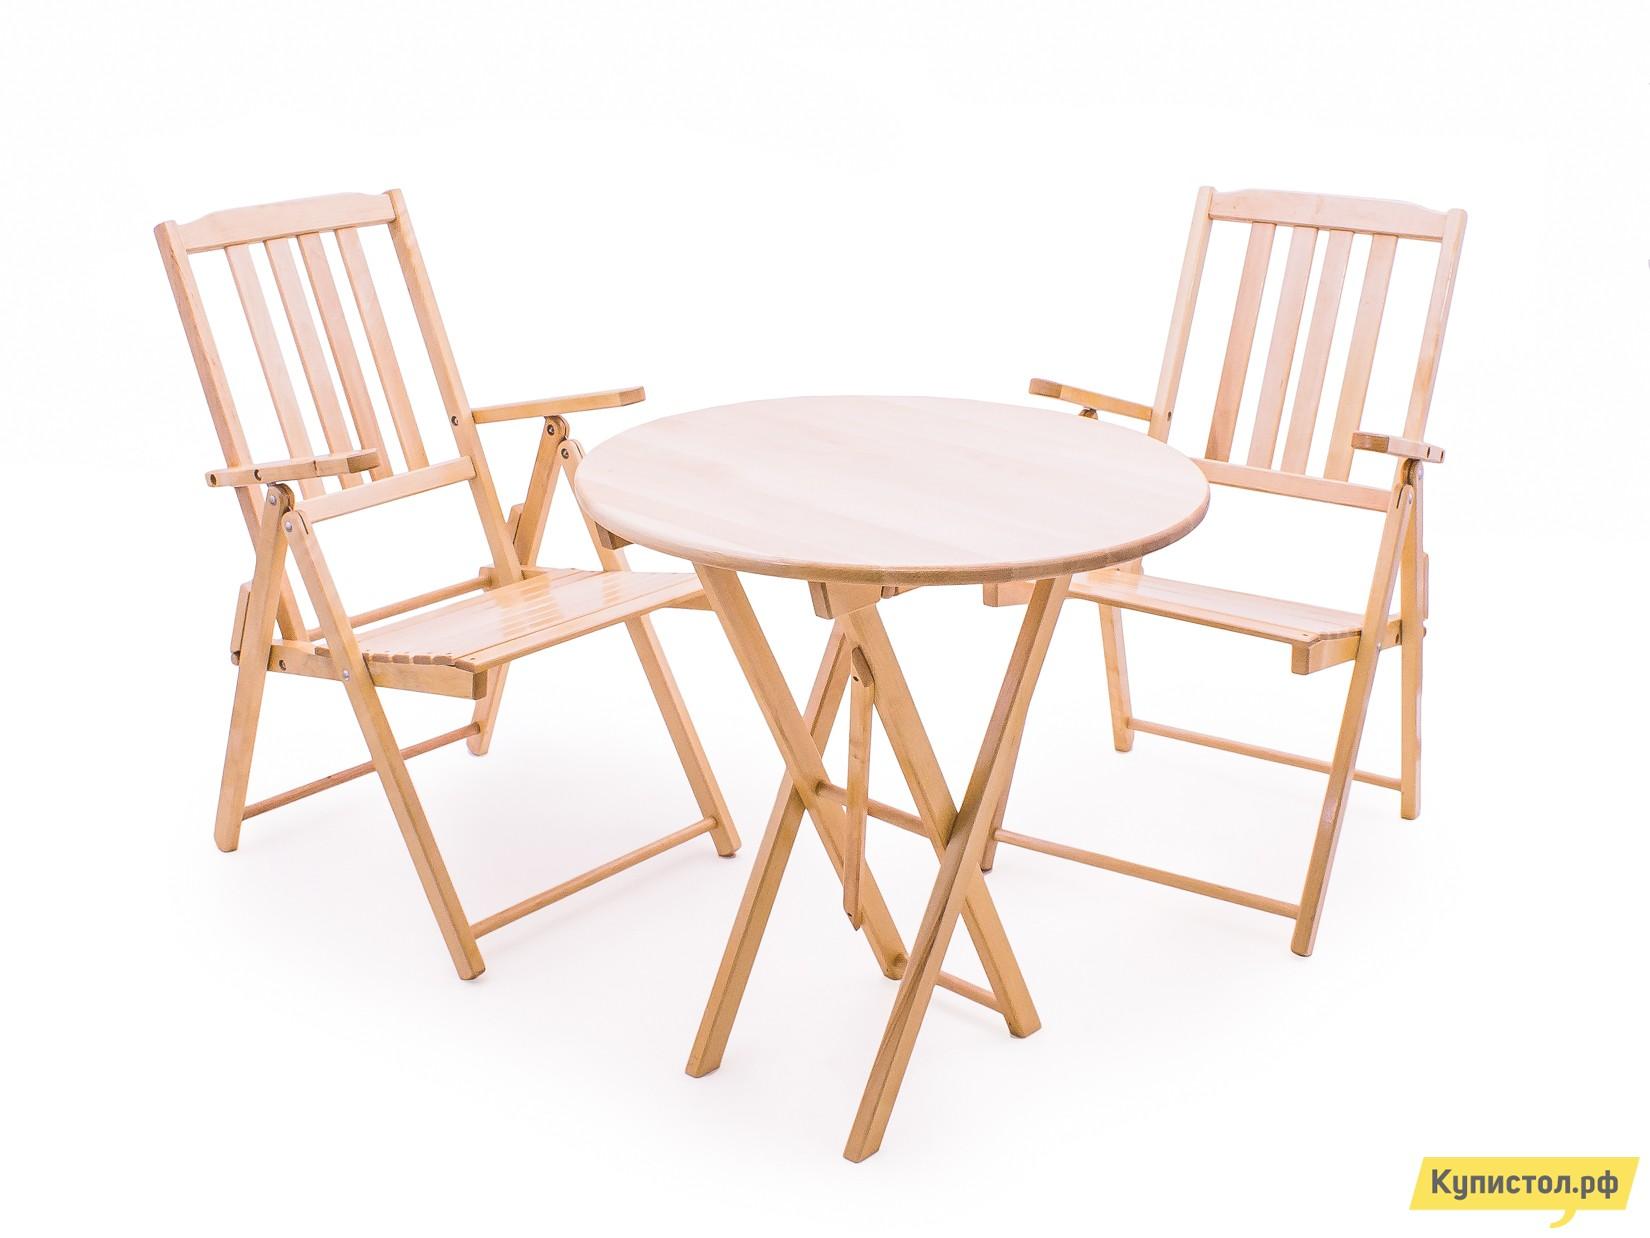 Комплект садовой мебели СМКА СМ012Б + СМ047Б Береза